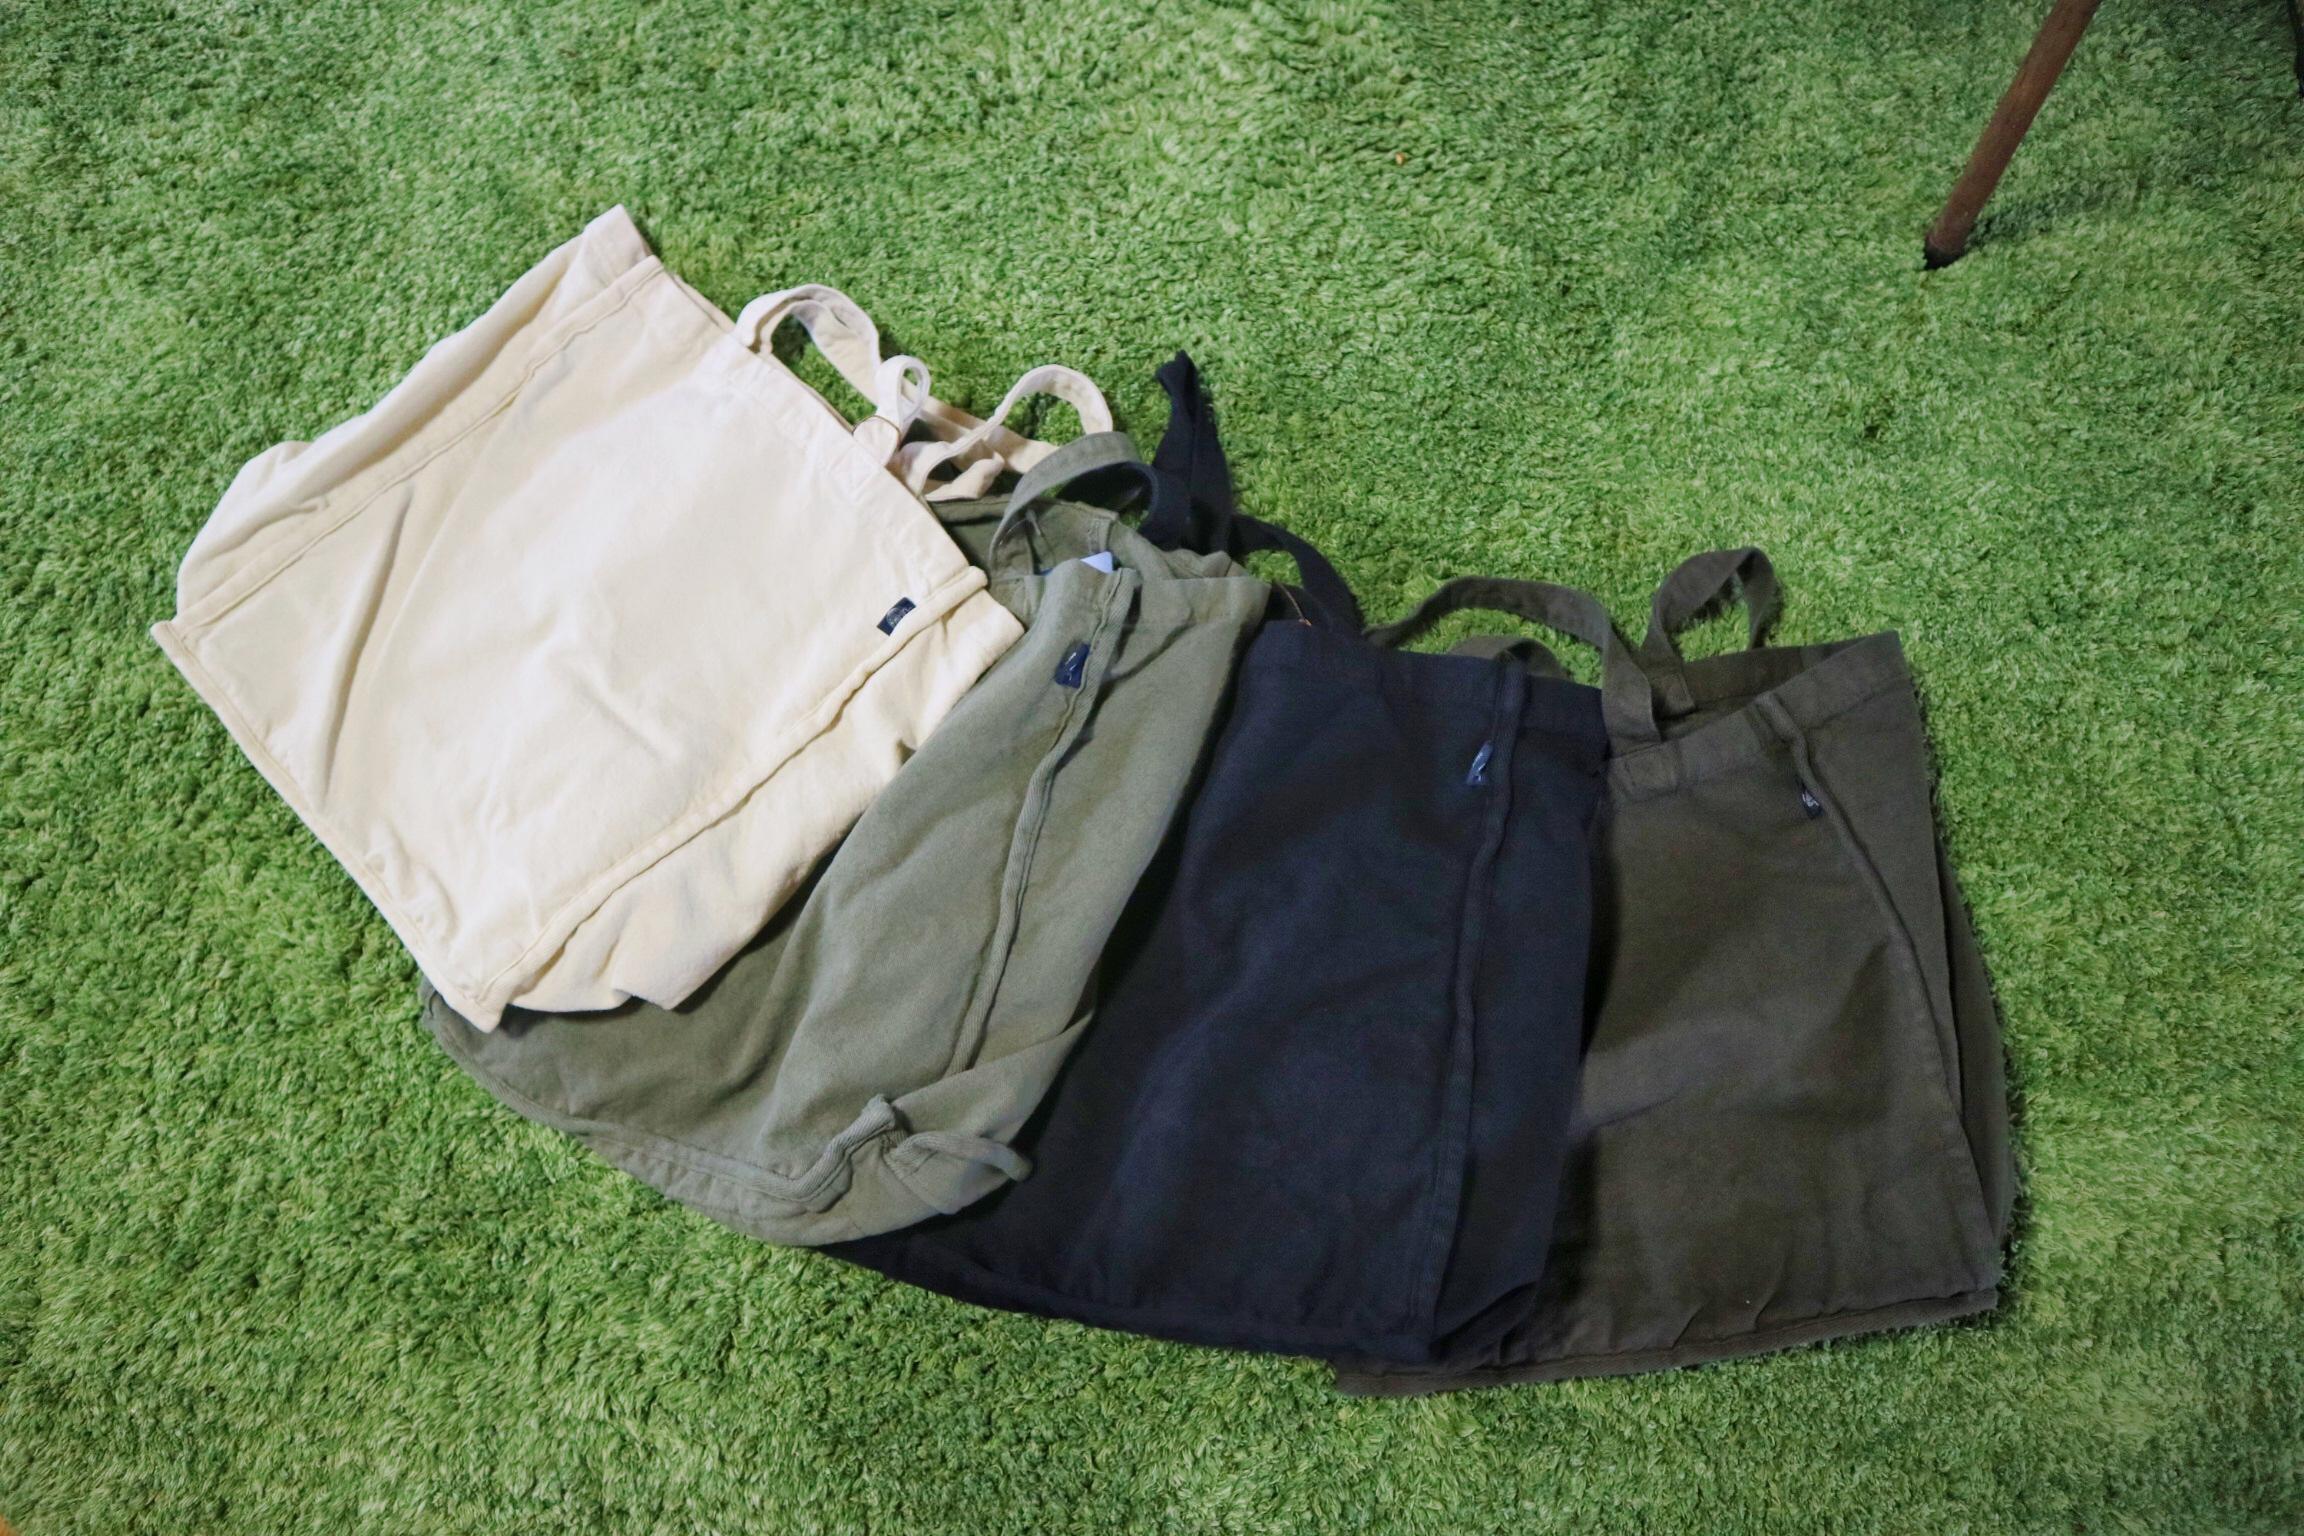 人気商品「帆布エコバッグ」ベーシックラインに、新色ネイビーが仲間入り!